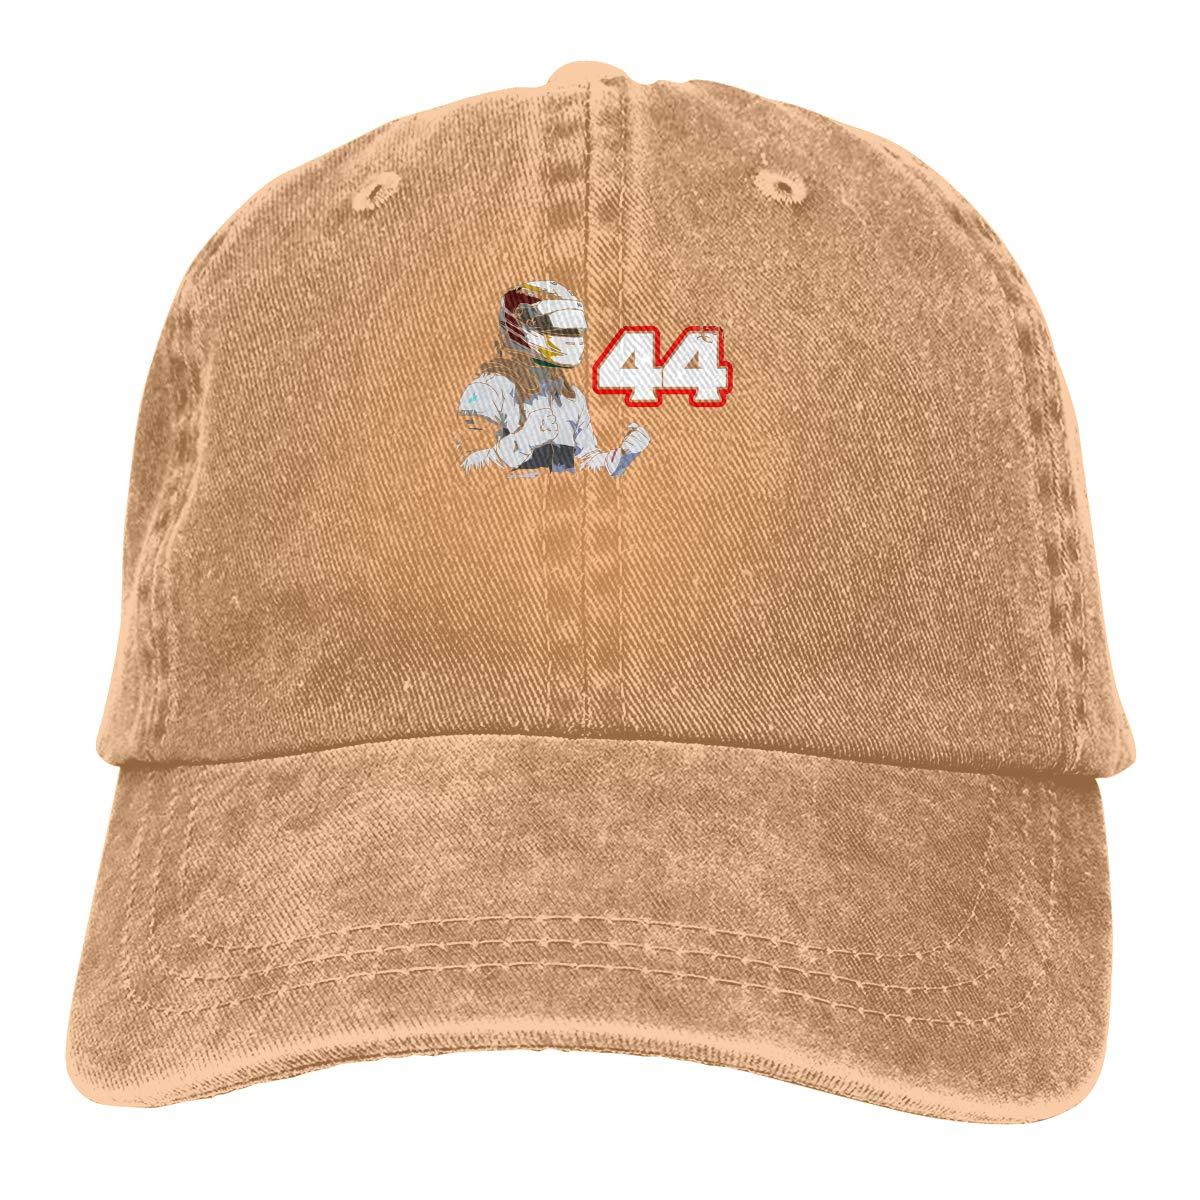 Feeling Unique Lewis Hamilton Still I Rise Vintage Jeans Baseball Cap Classic Cotton Dad Hat Adjustable Plain Cap Black